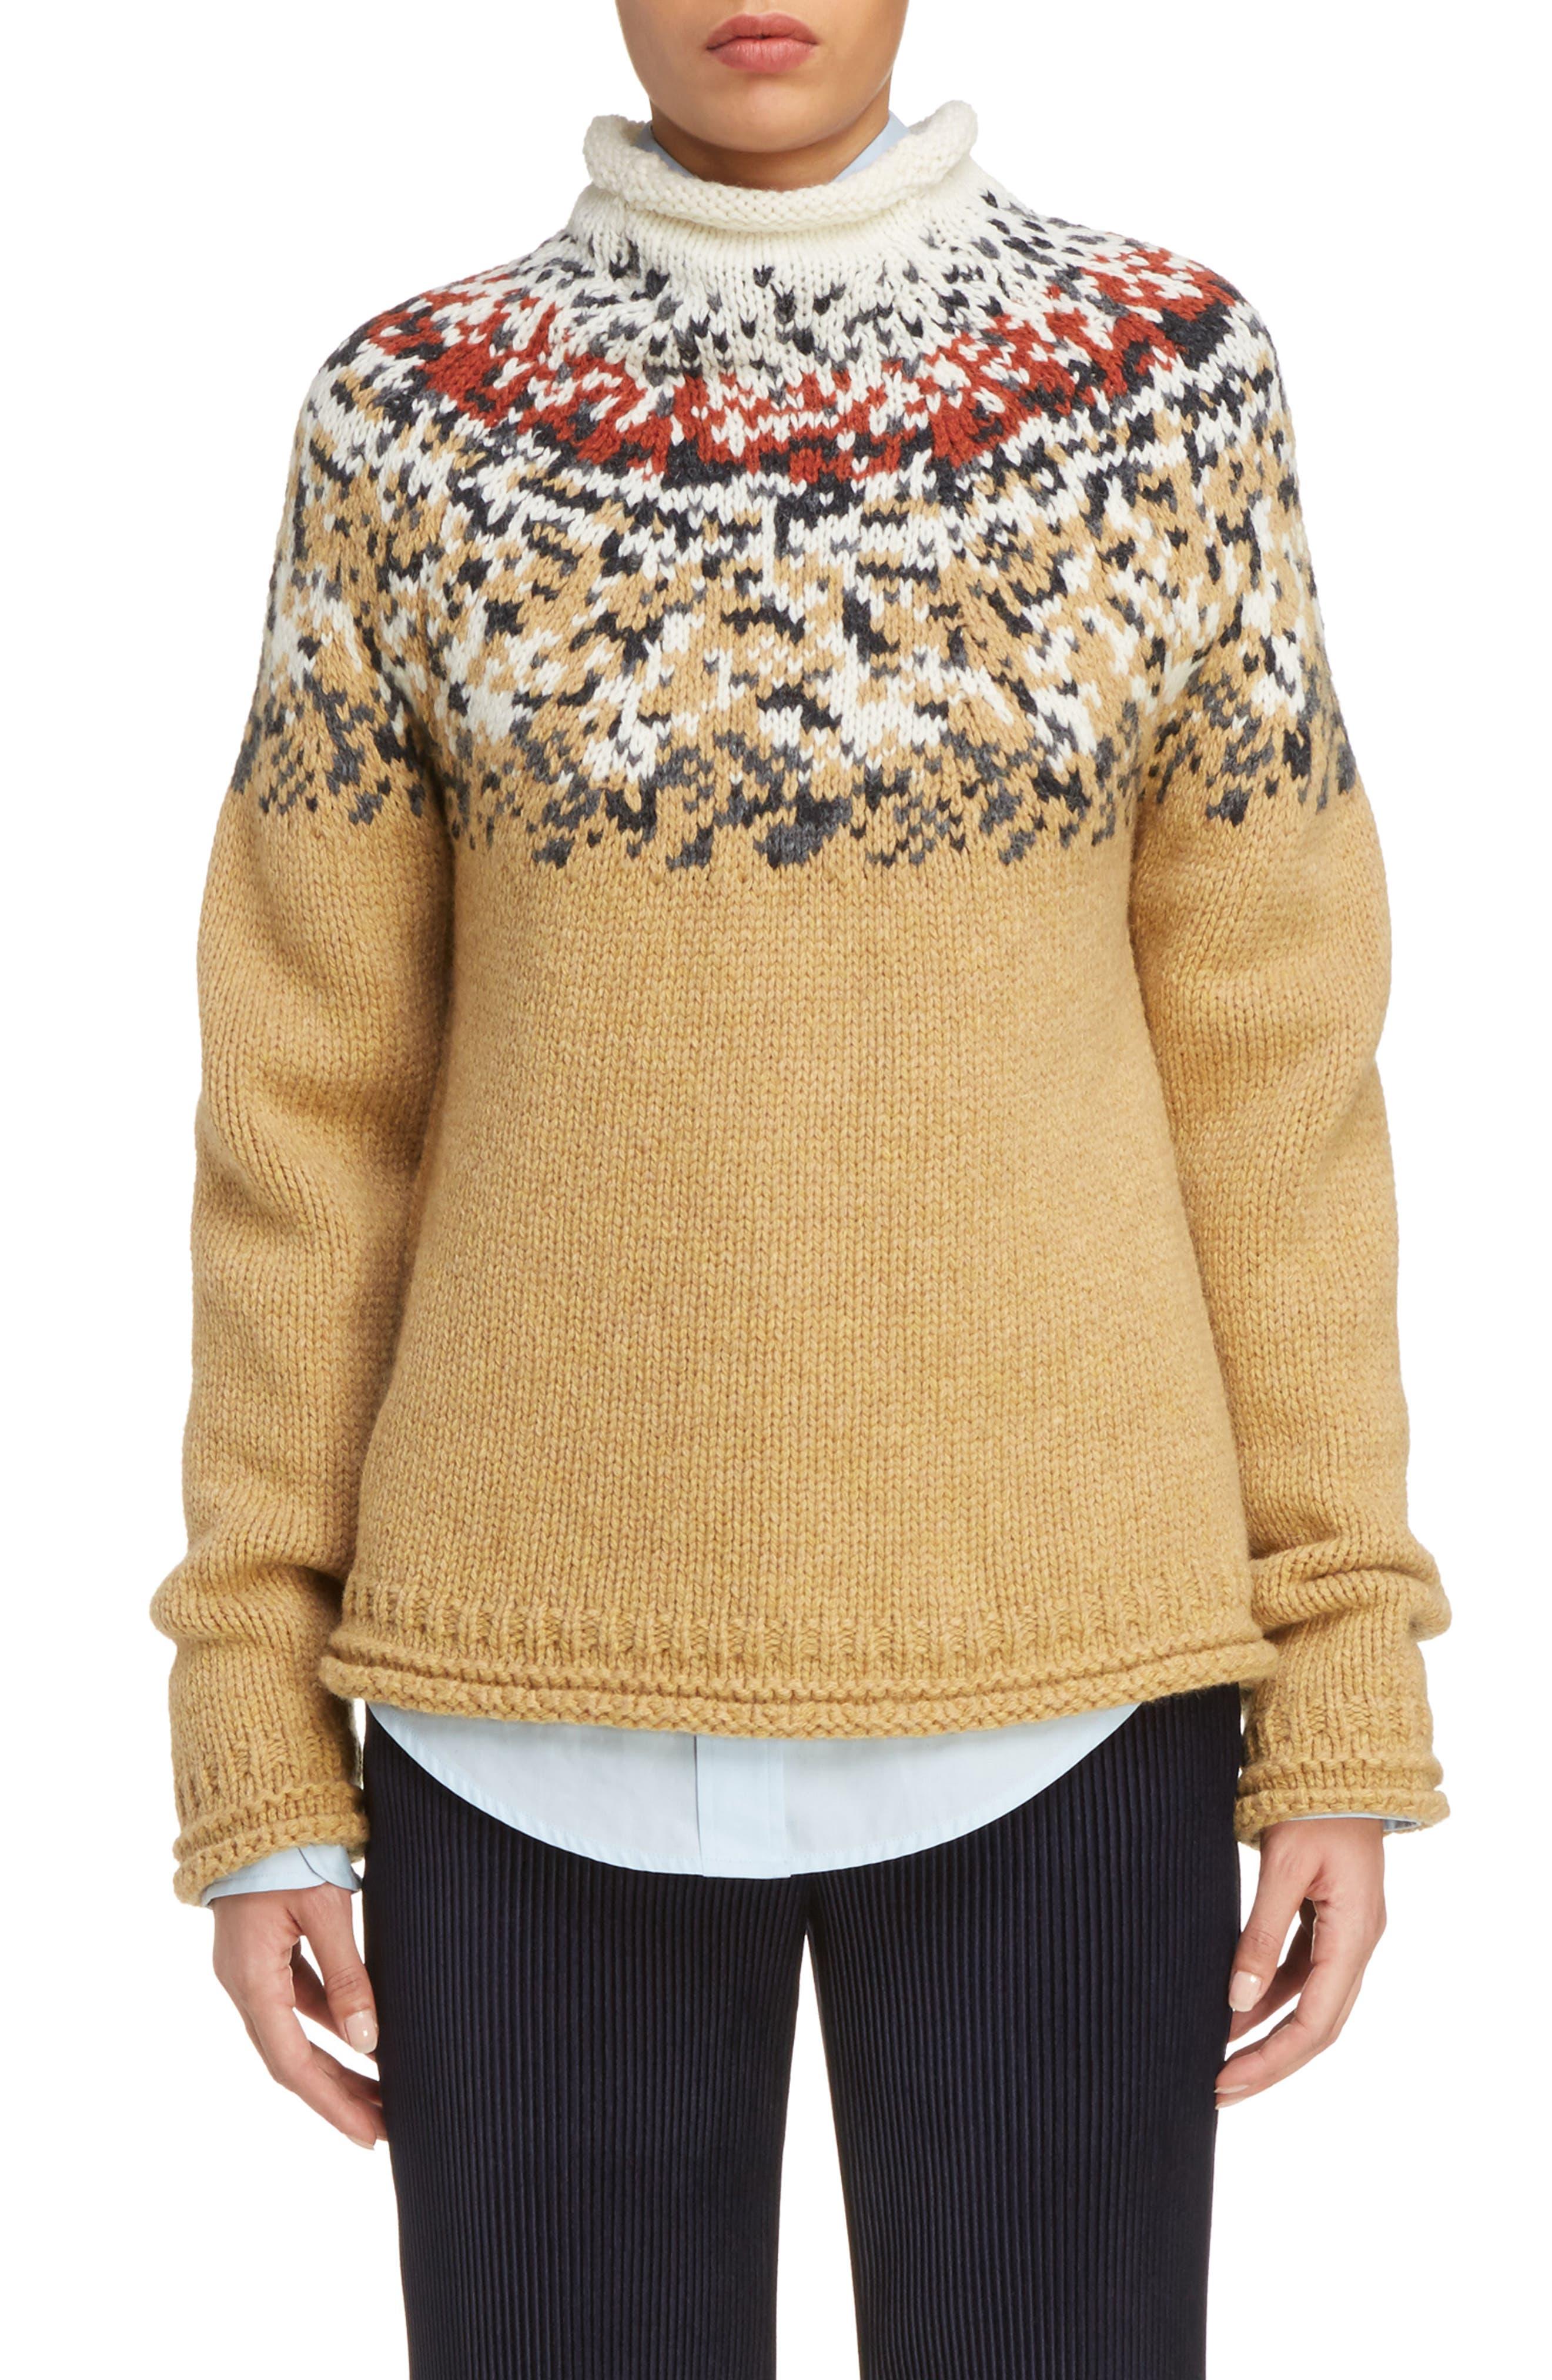 ACNE Studios Sirius Heavy Icelandic High Neck Sweater